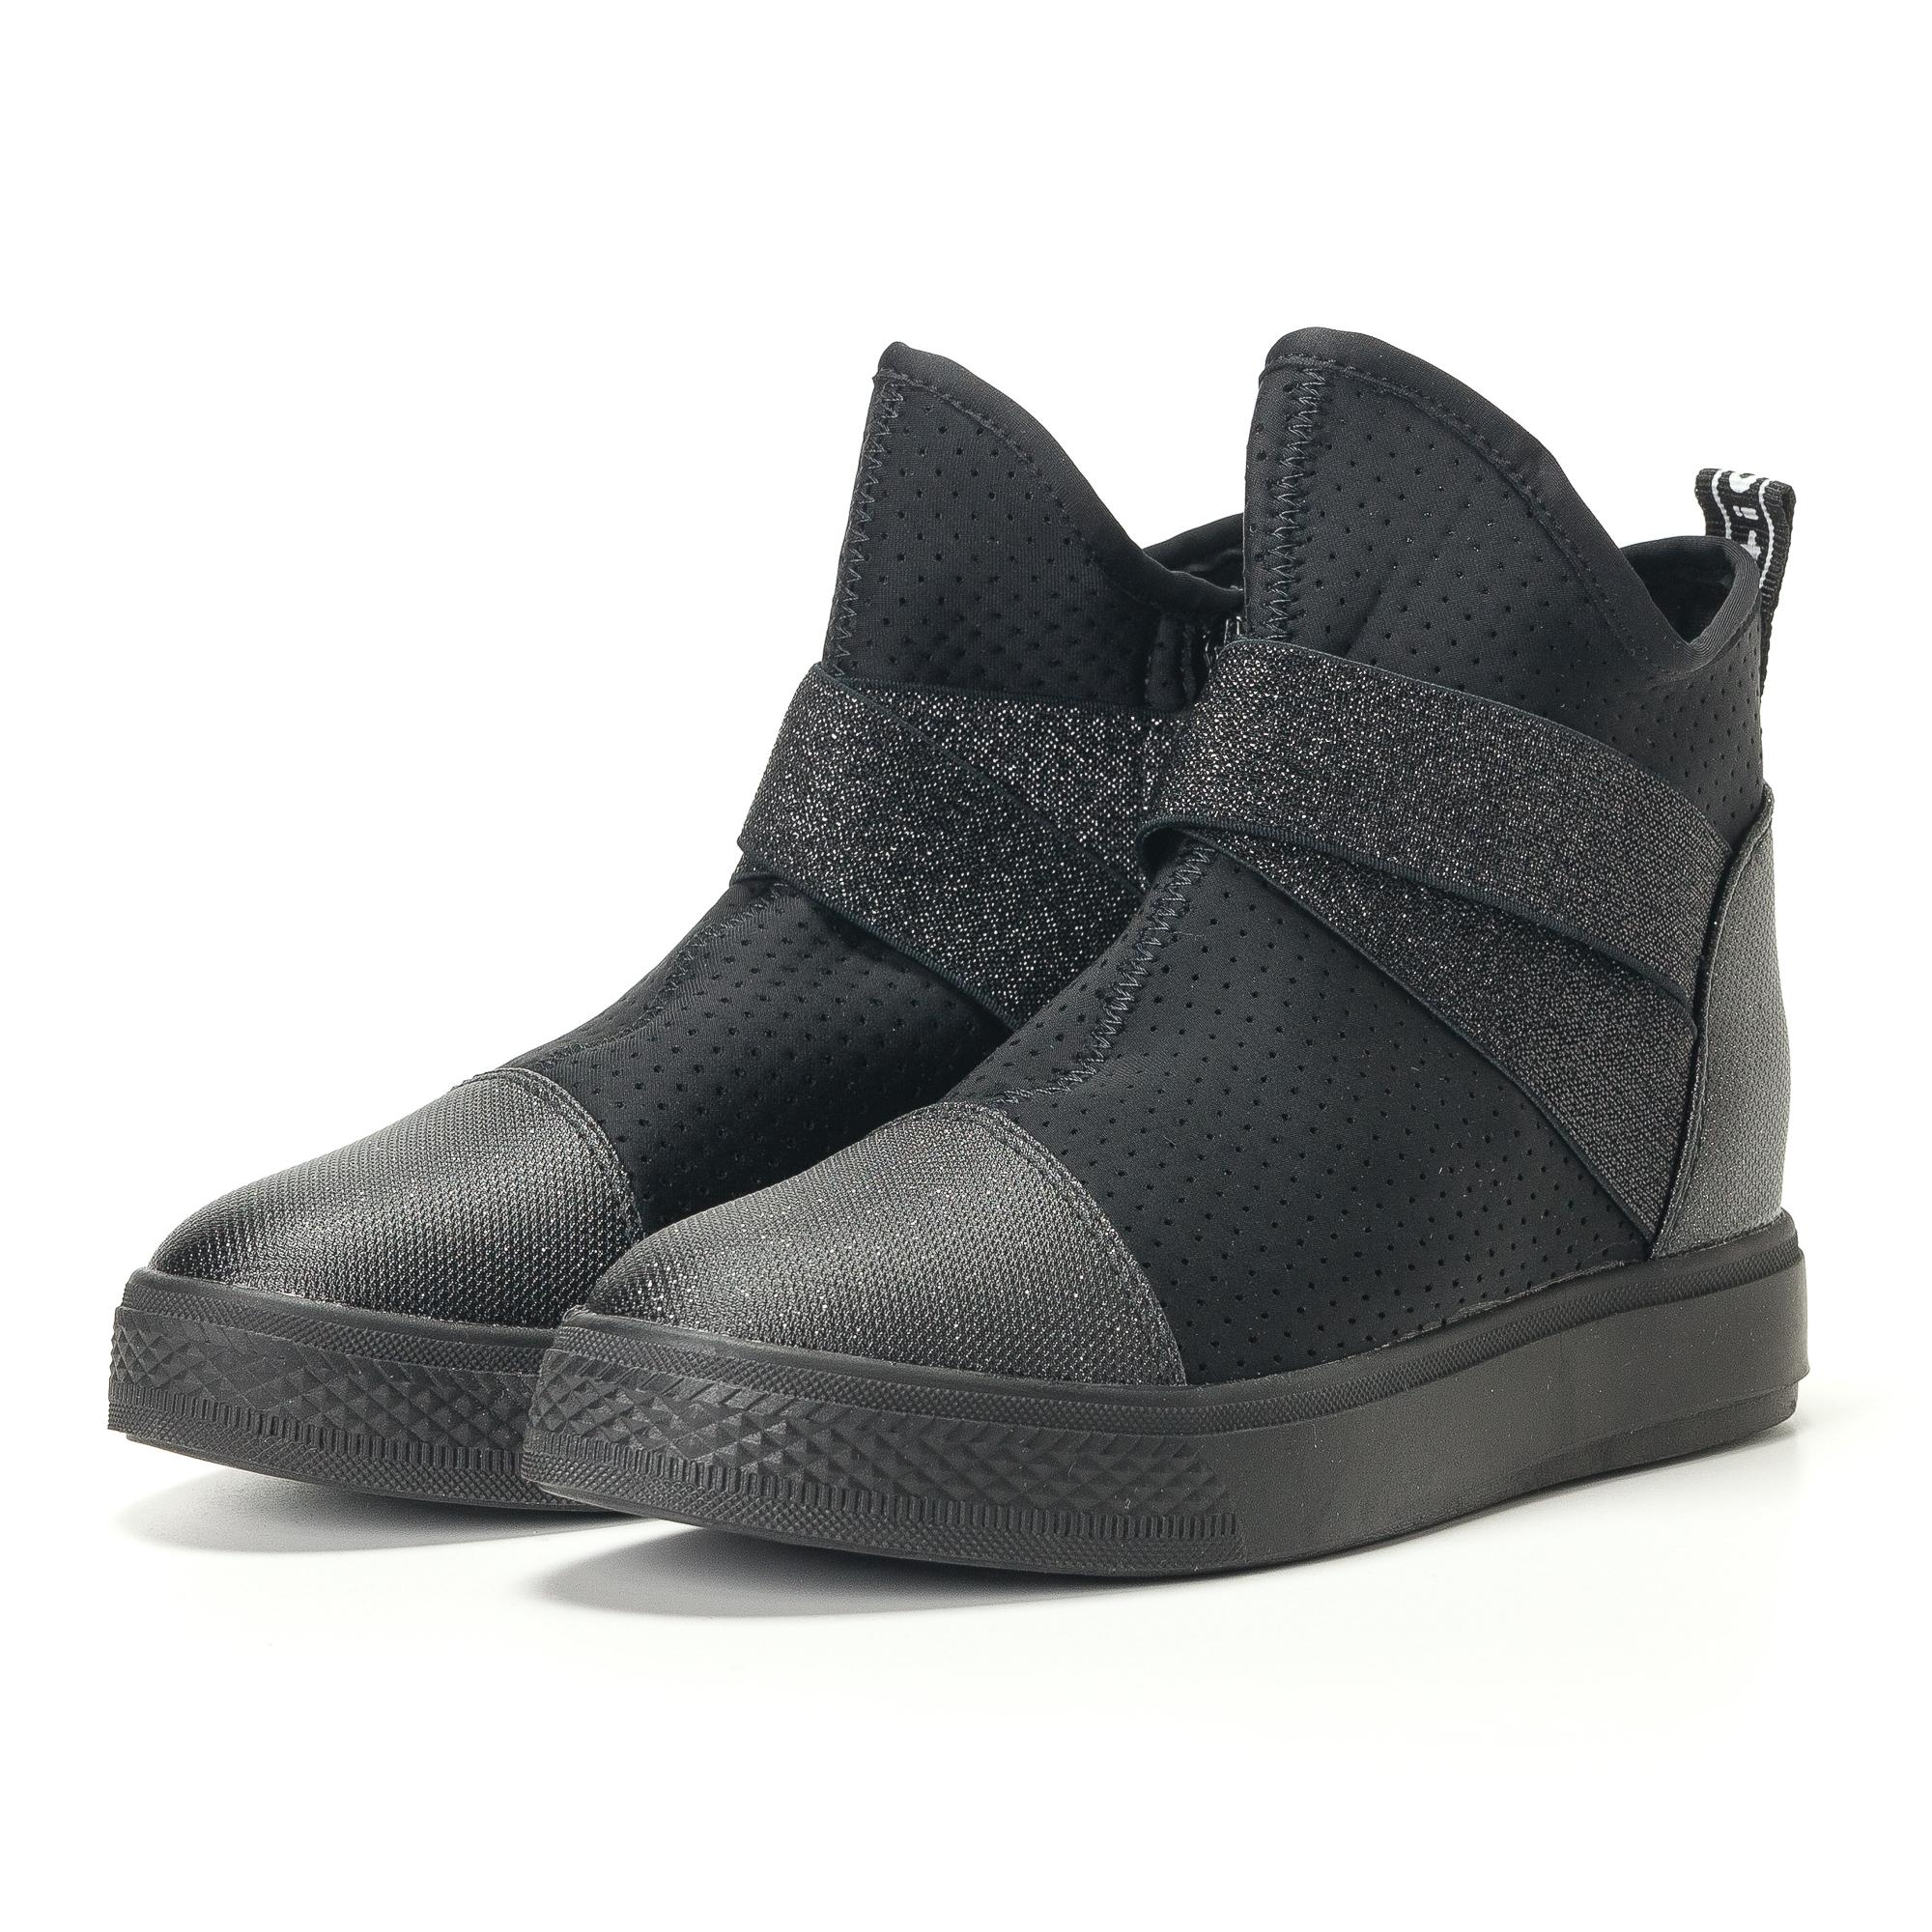 Γυναικεία μαύρα ψηλά sneakers από συνδυασμό υφασμάτων με σκούρα γκρι διακοσμητικά λαστιχάκια